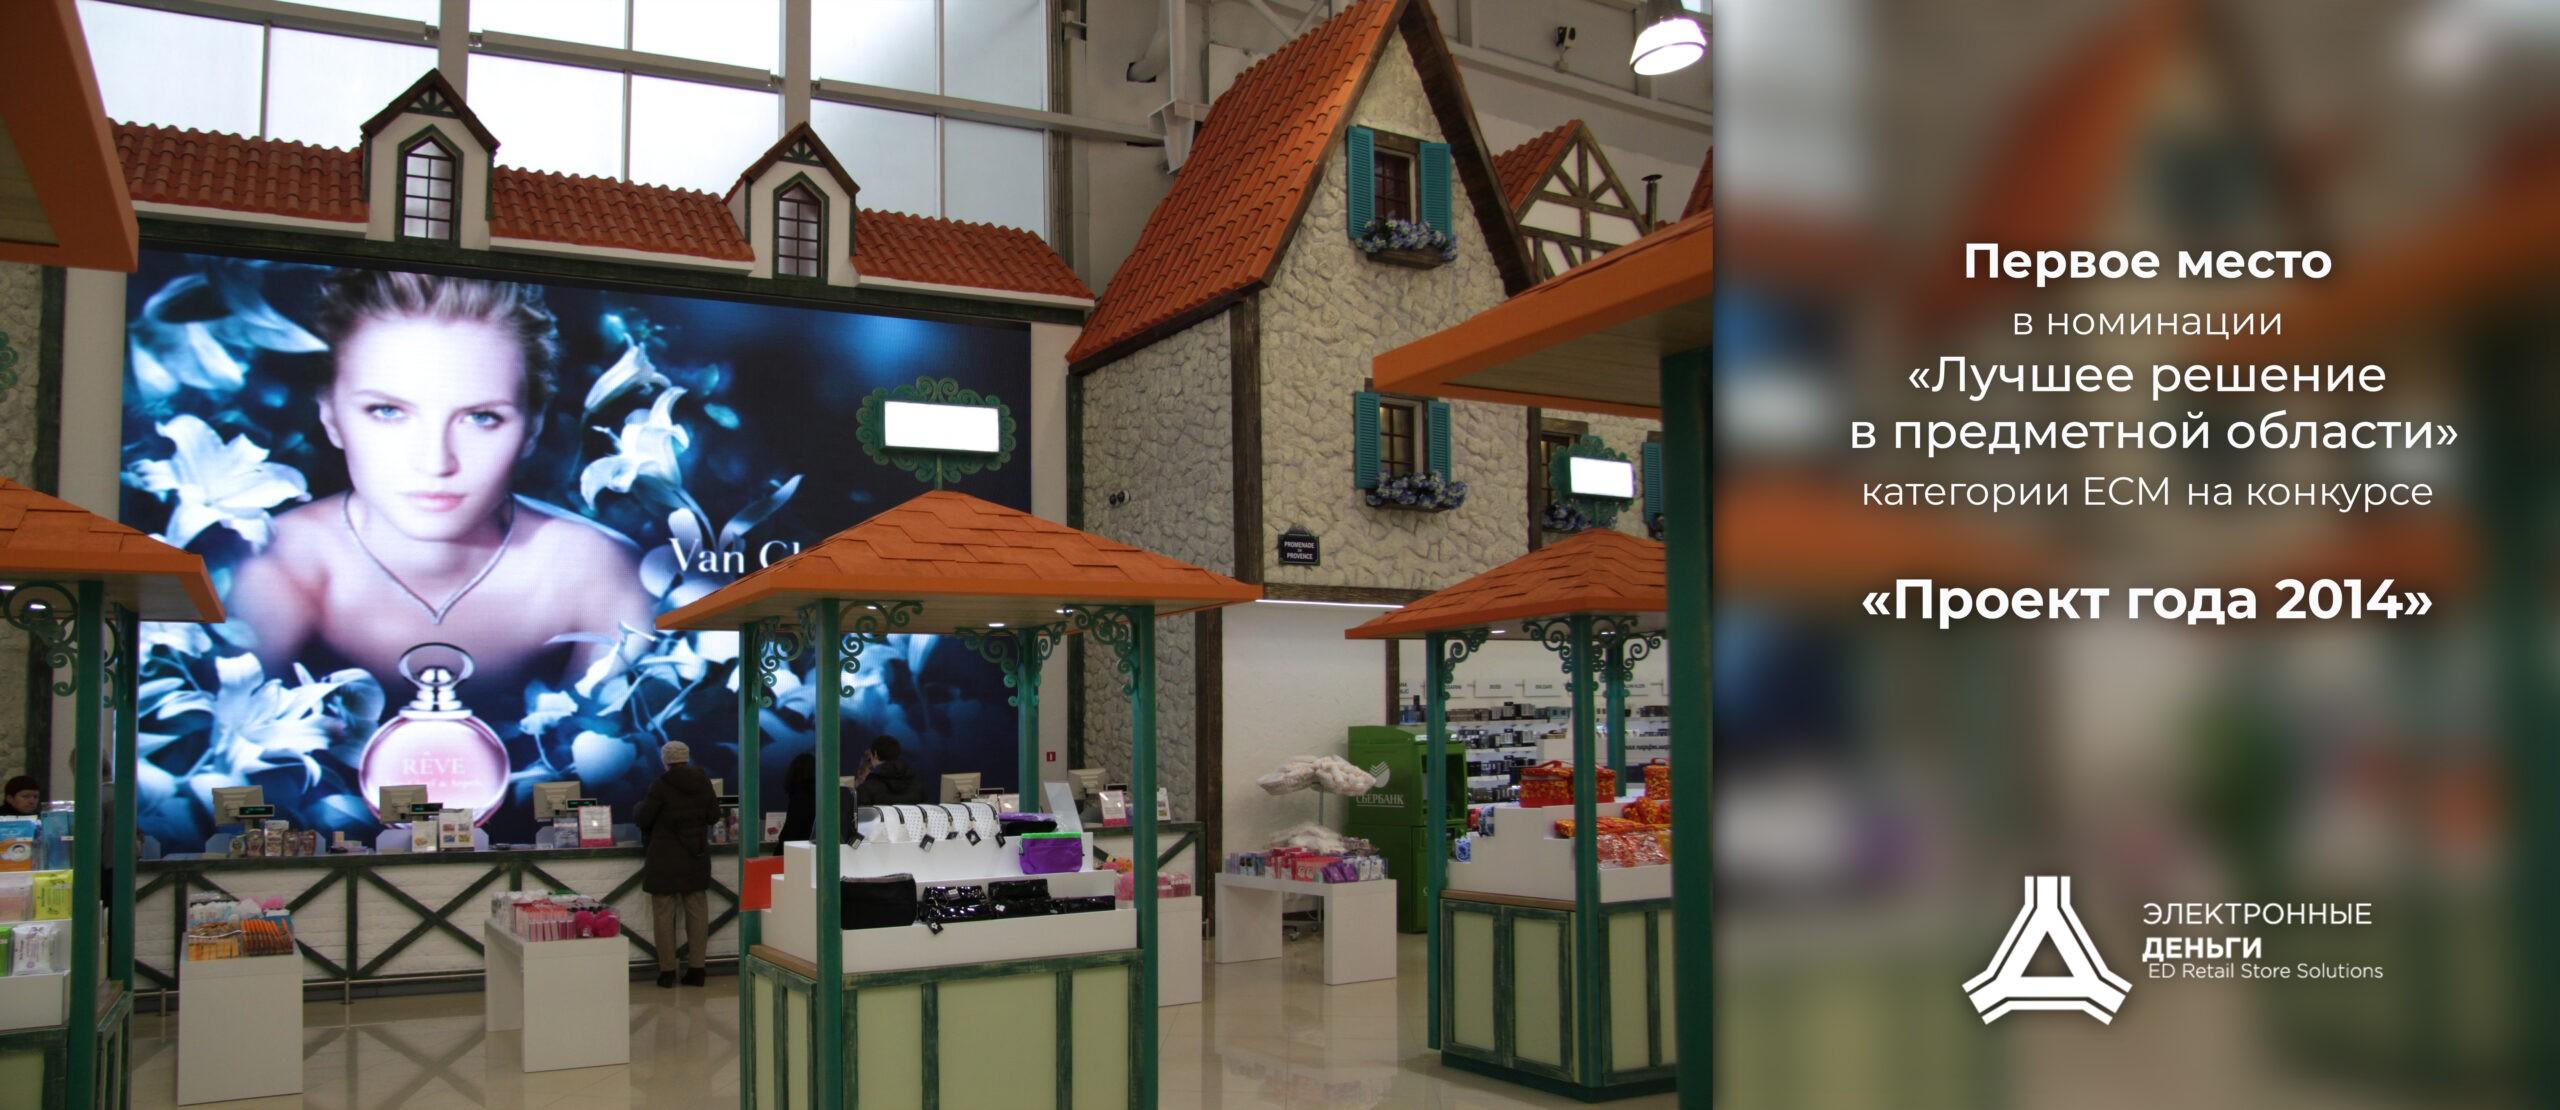 Город мечты оснащен современными LCD панелями для демонстрации яркого привлекательного контента.